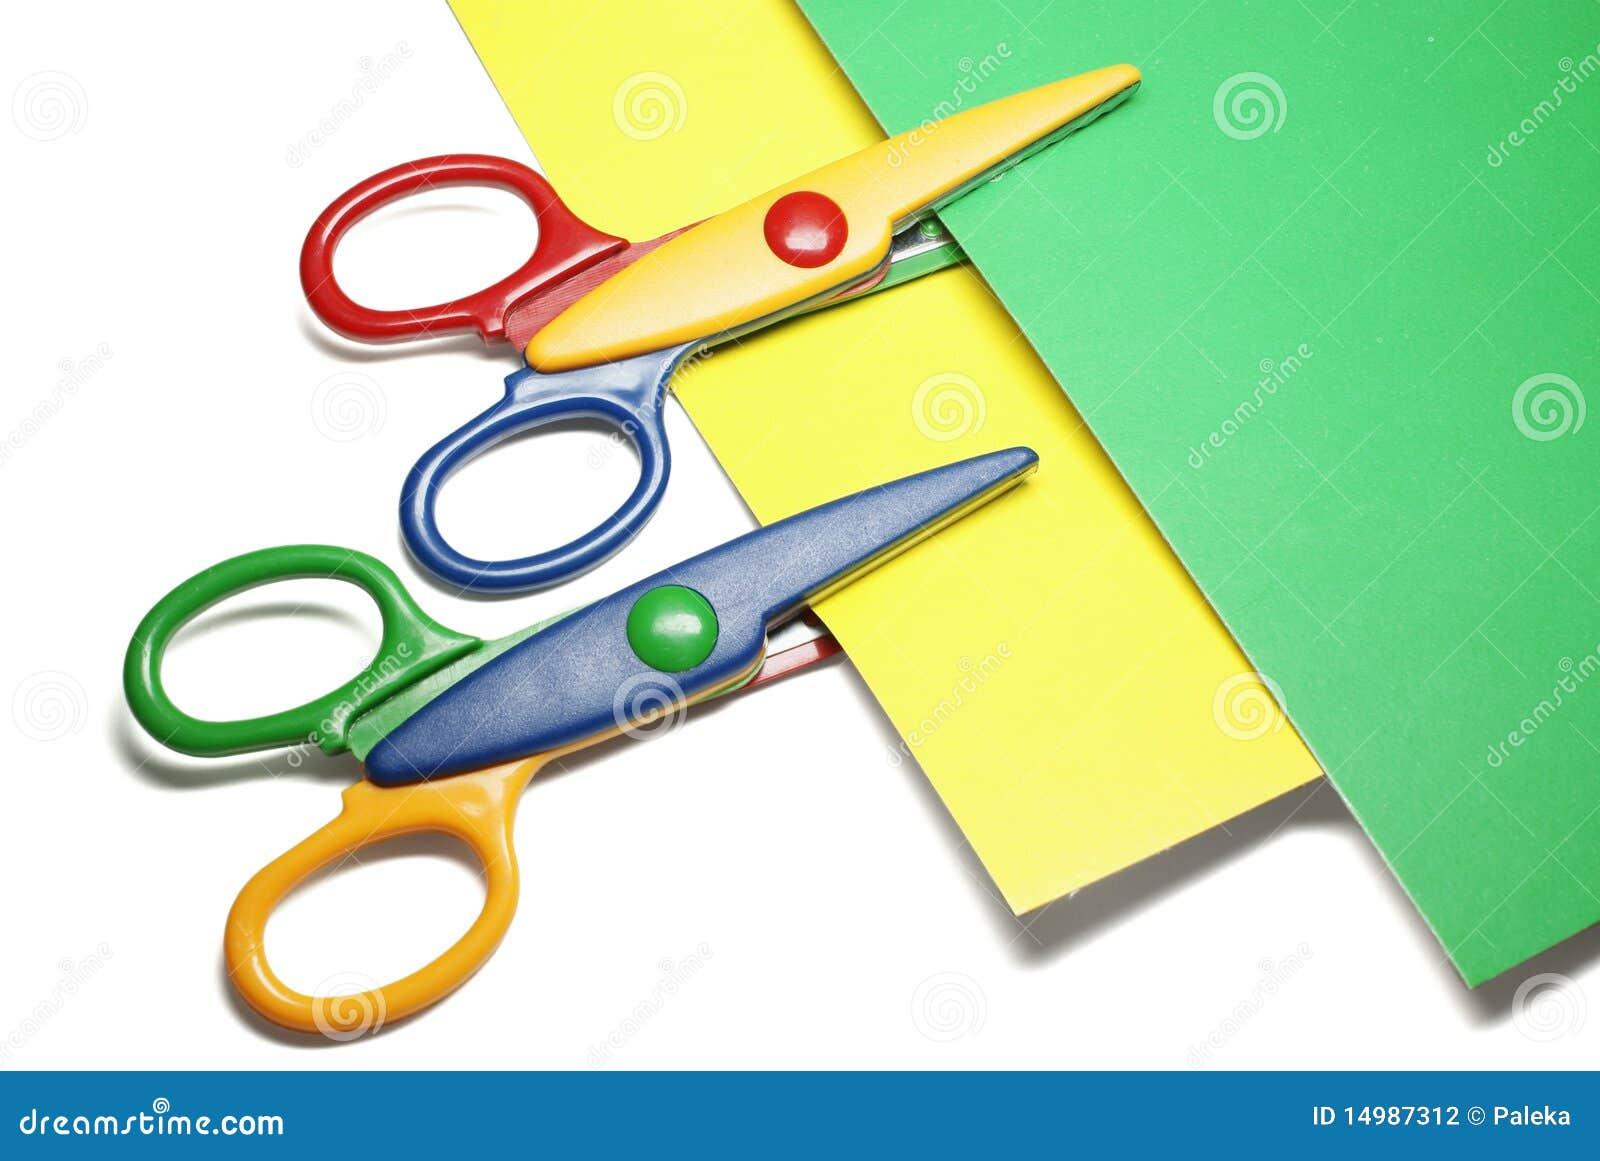 Papierowi nożyce